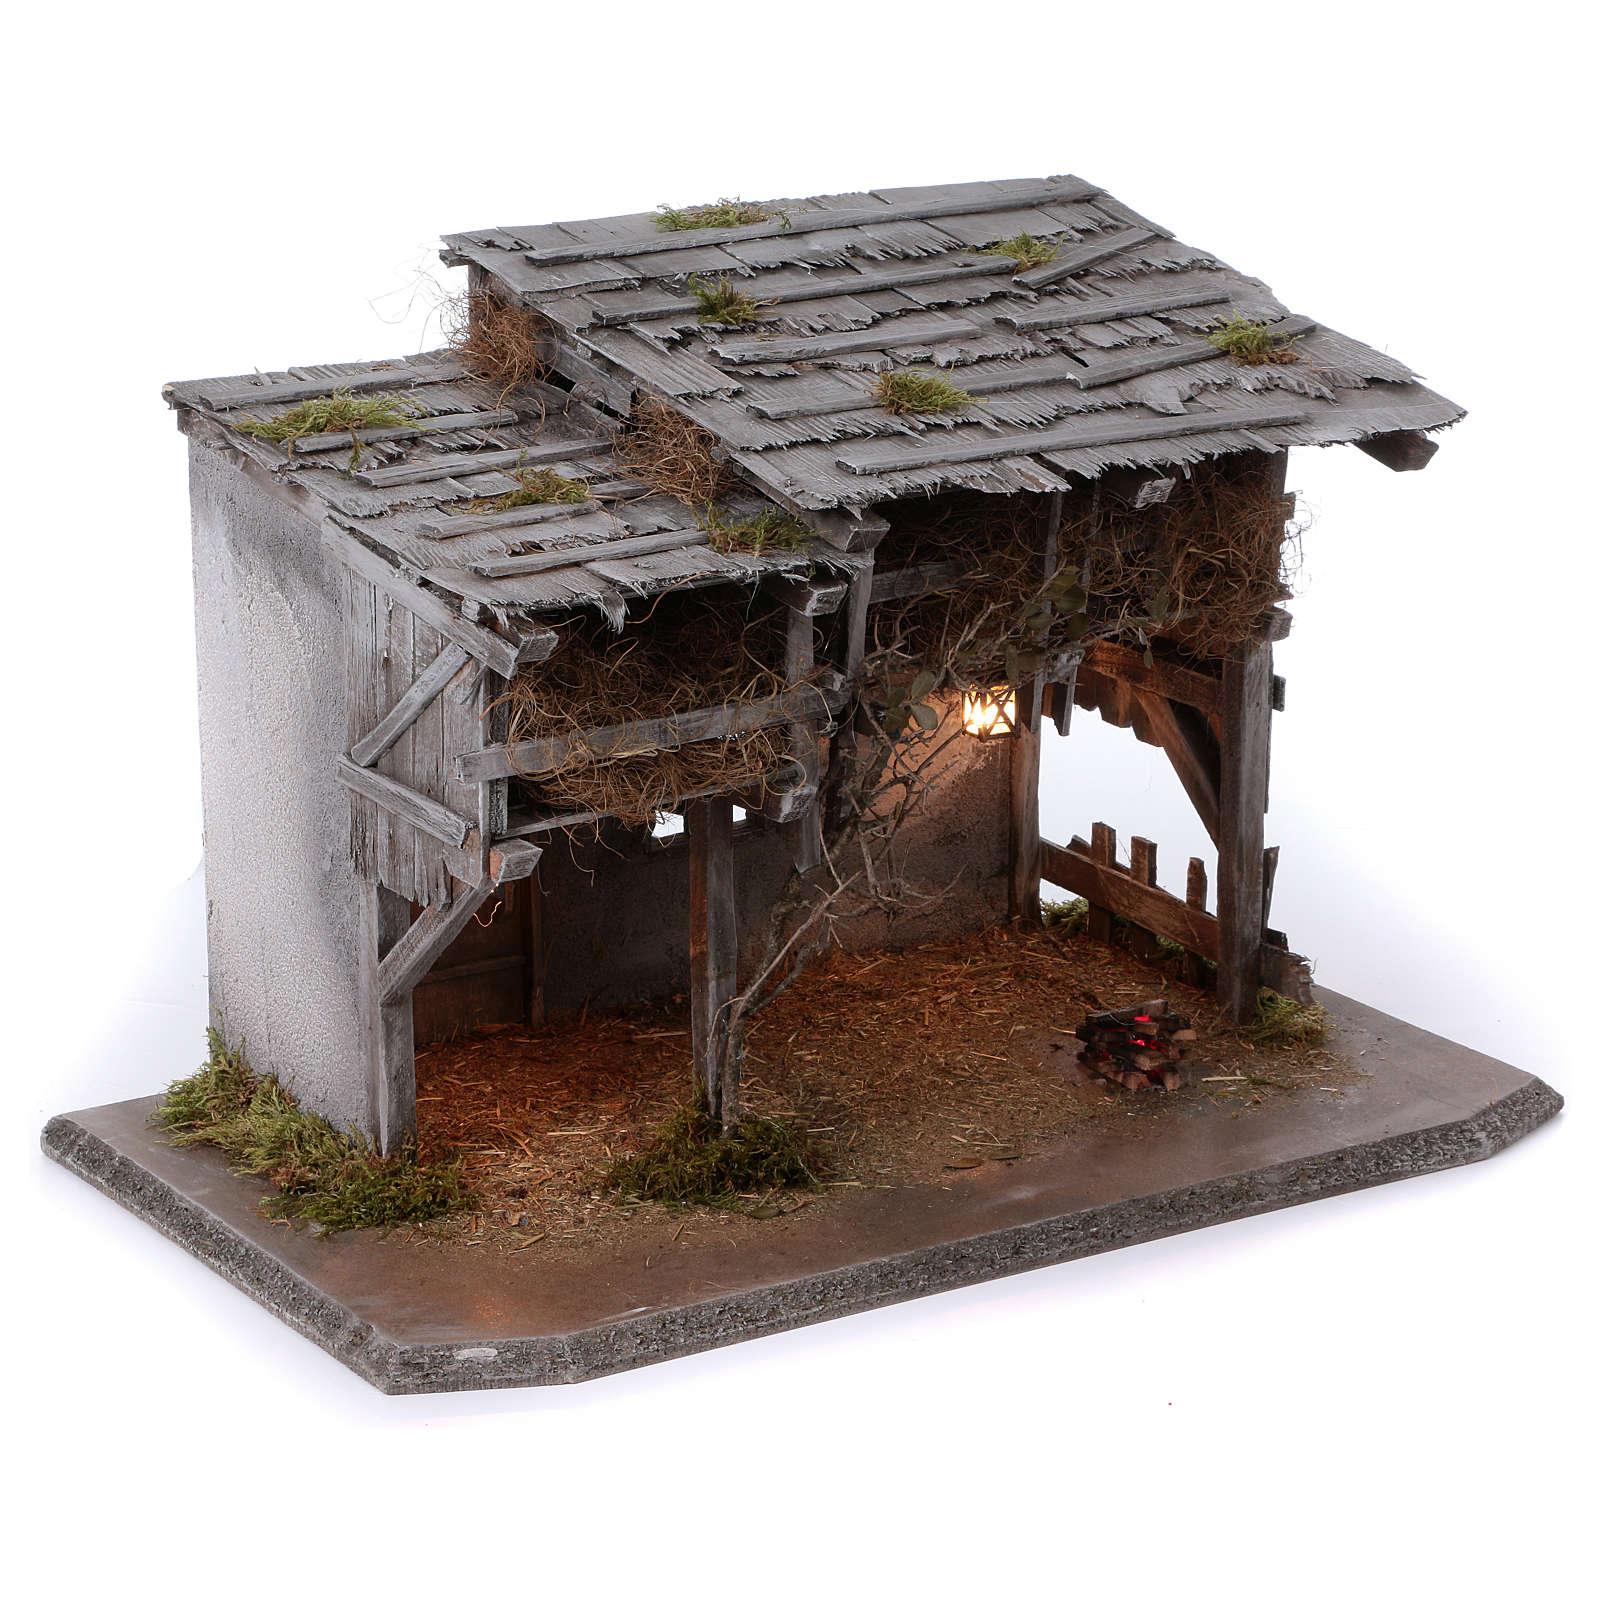 Stalla modello Luhe in legno luci e fuoco per presepe 14-15 cm 4